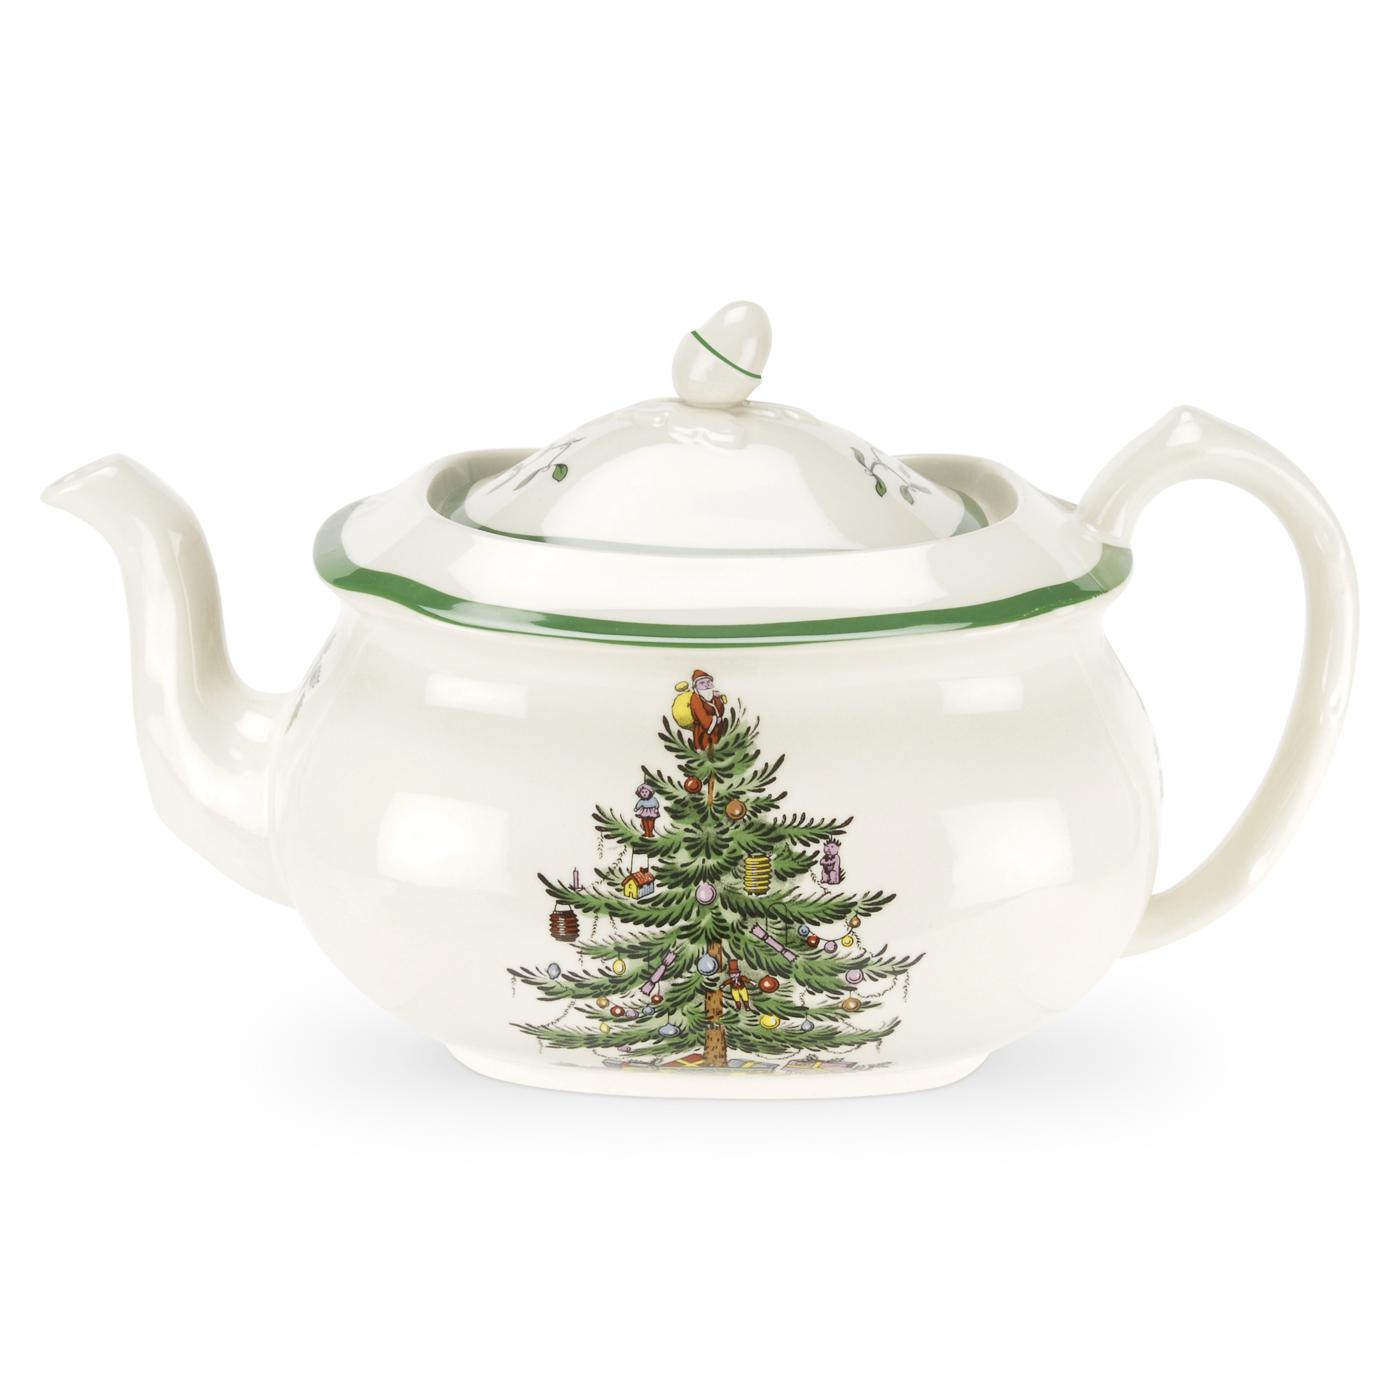 Spode Christmas Glassware